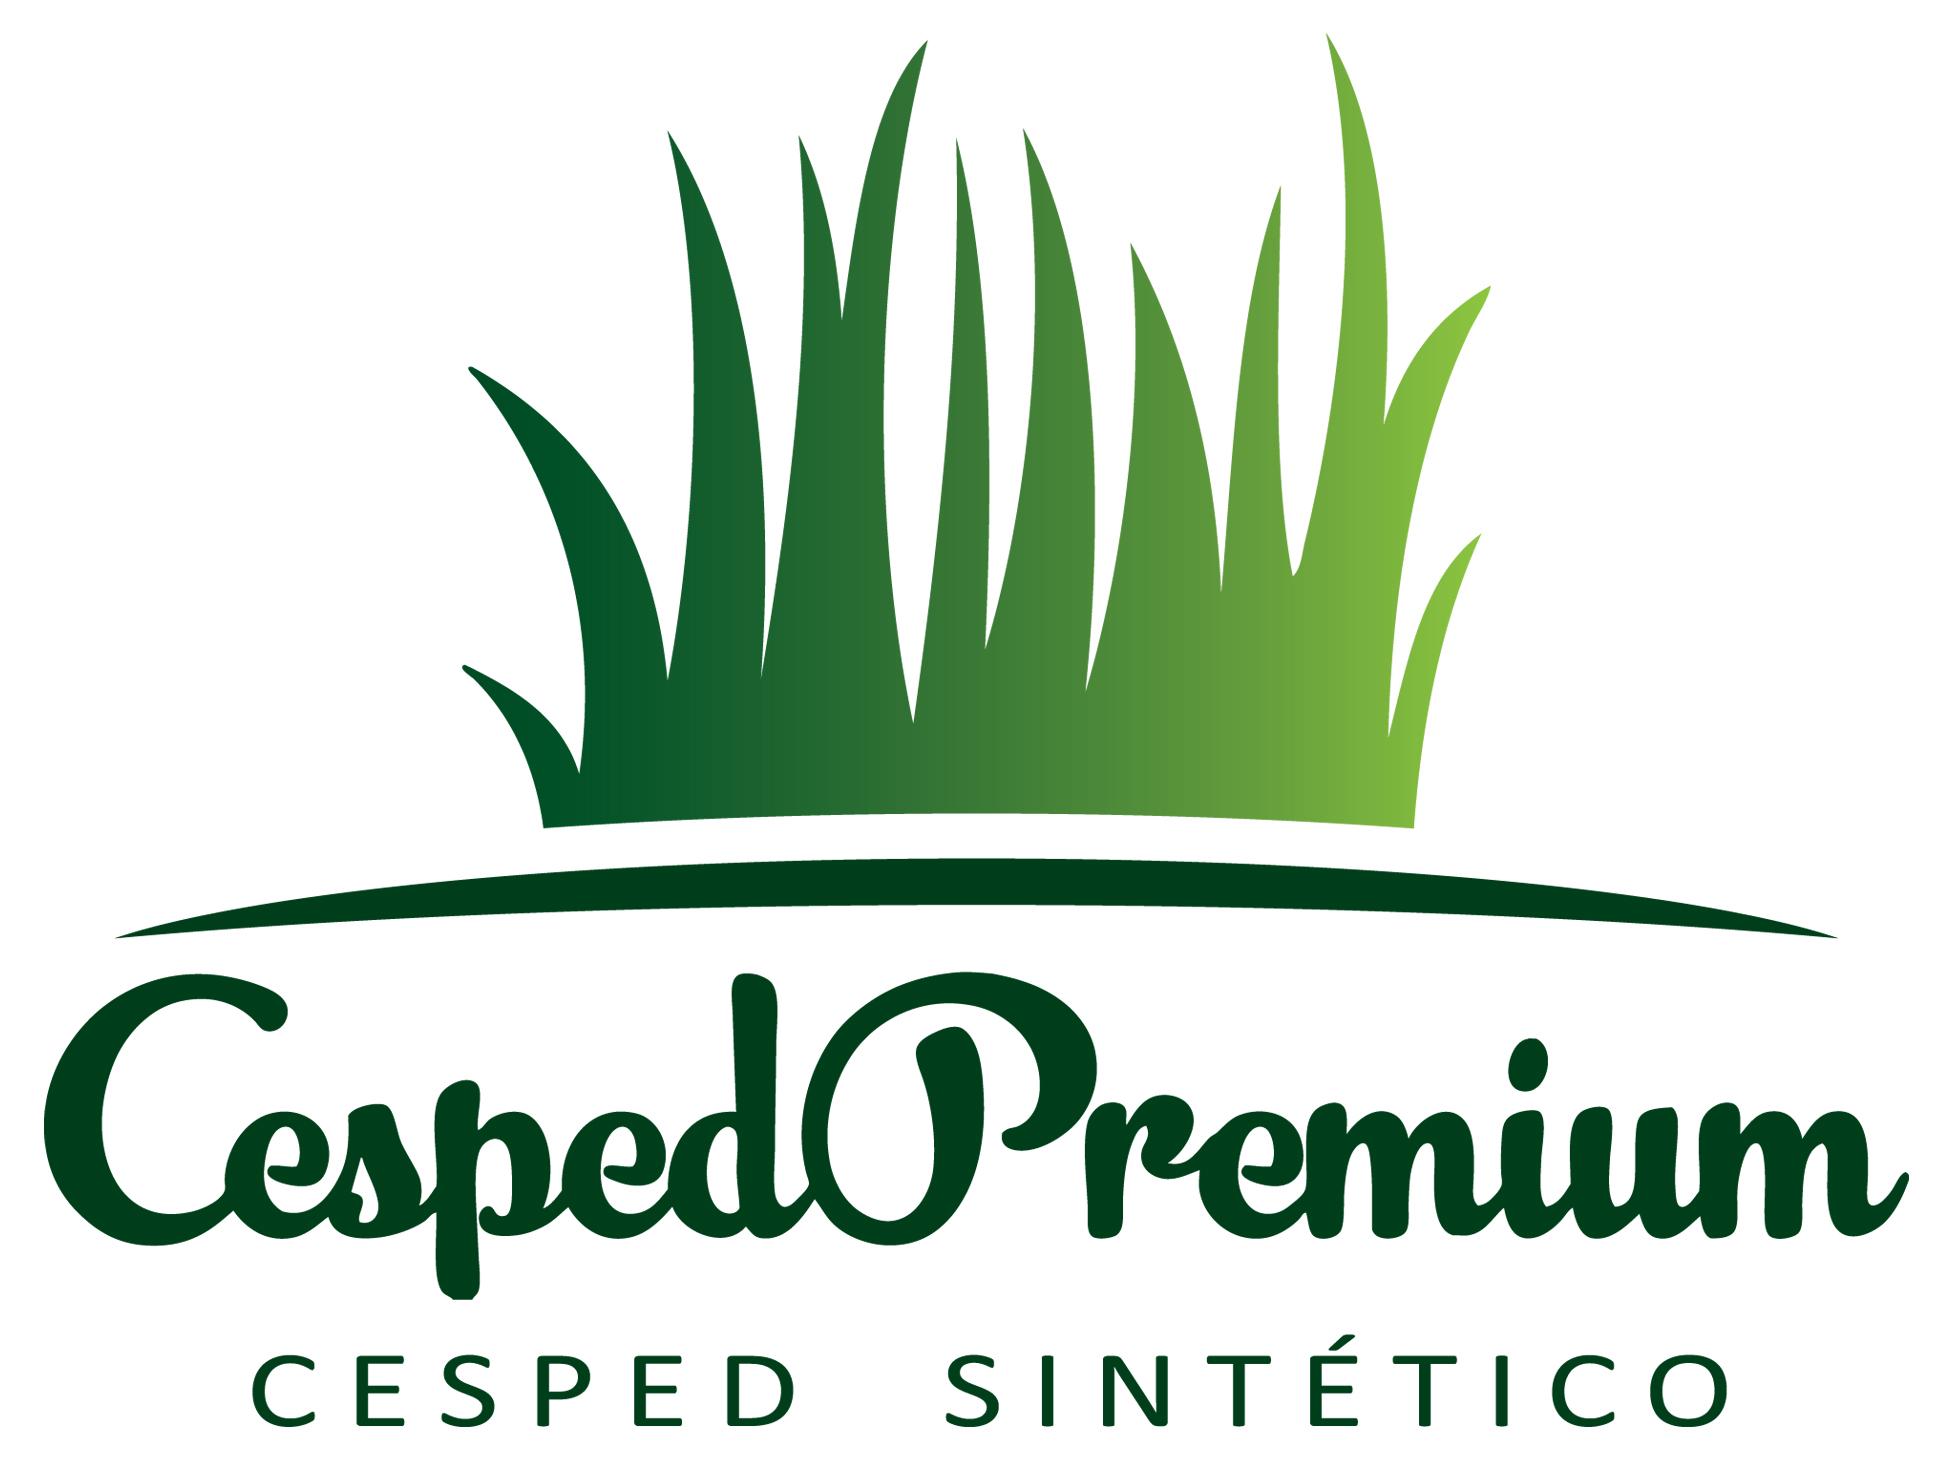 Césped Premium Sintético